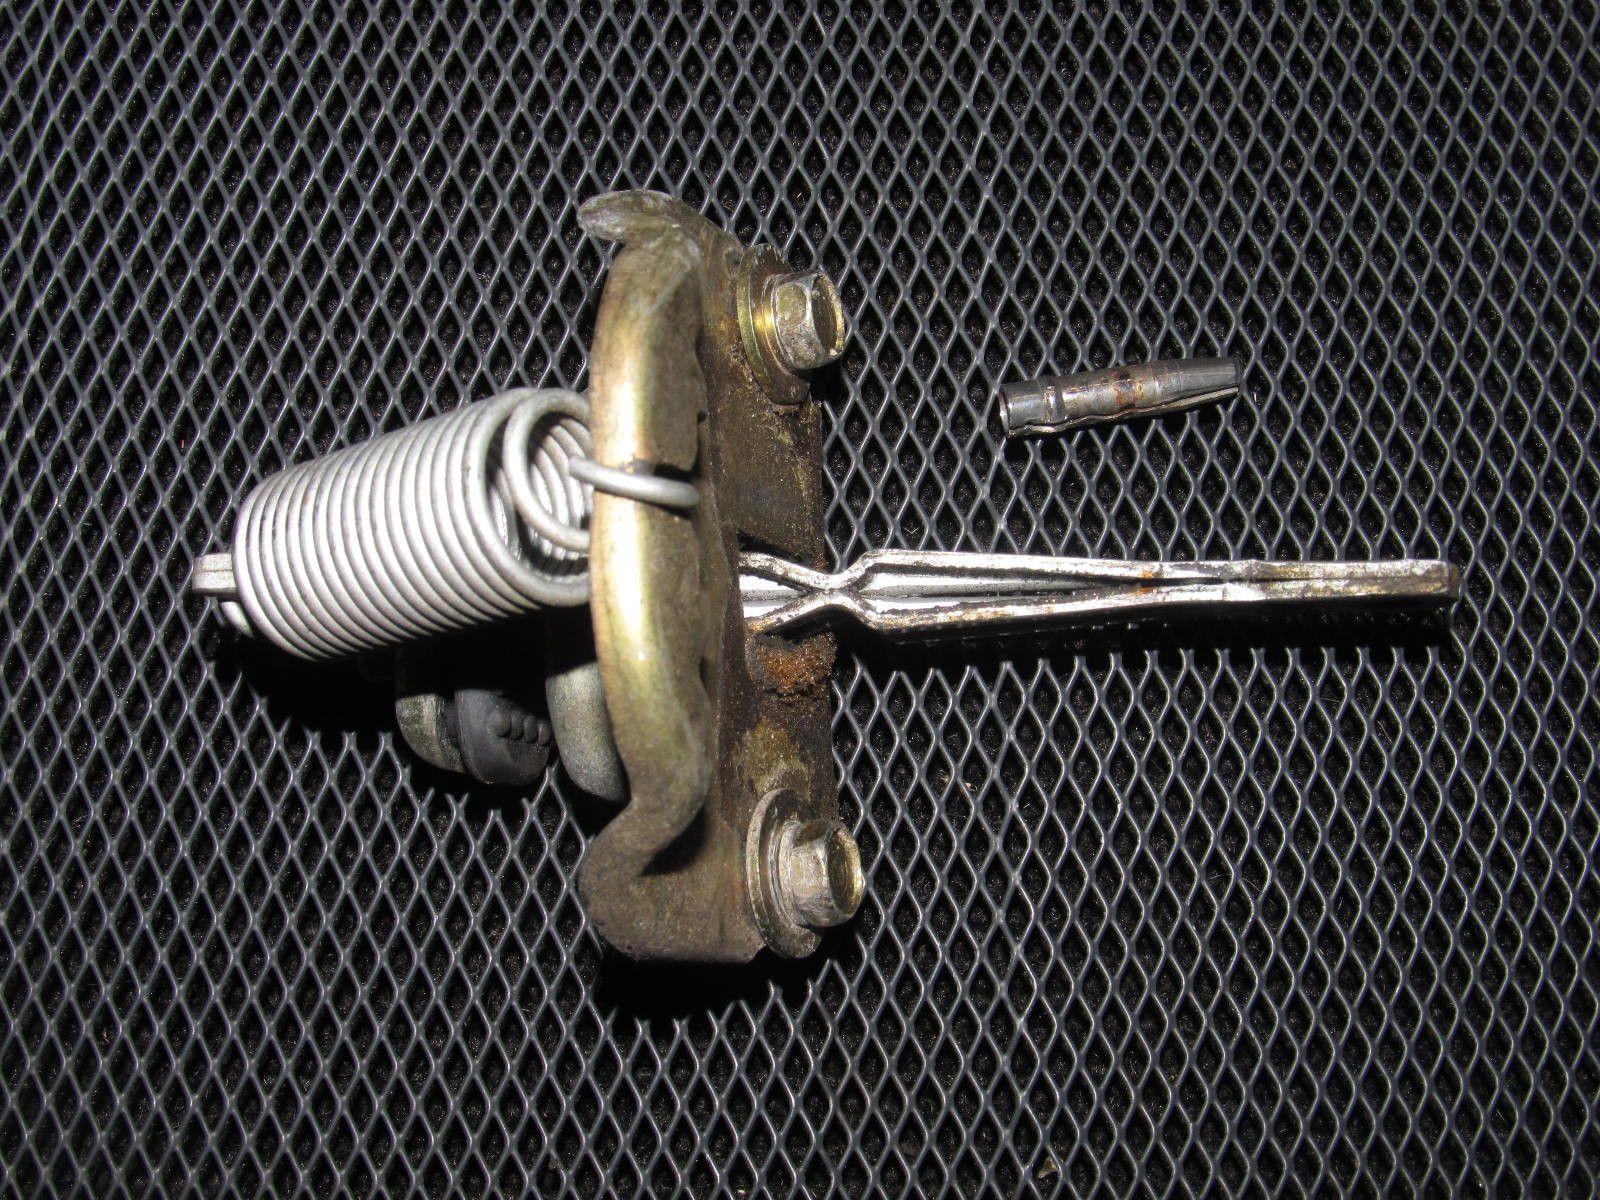 88-91 Honda CRX OEM Door Check Stopper - Driver Side - Left ...